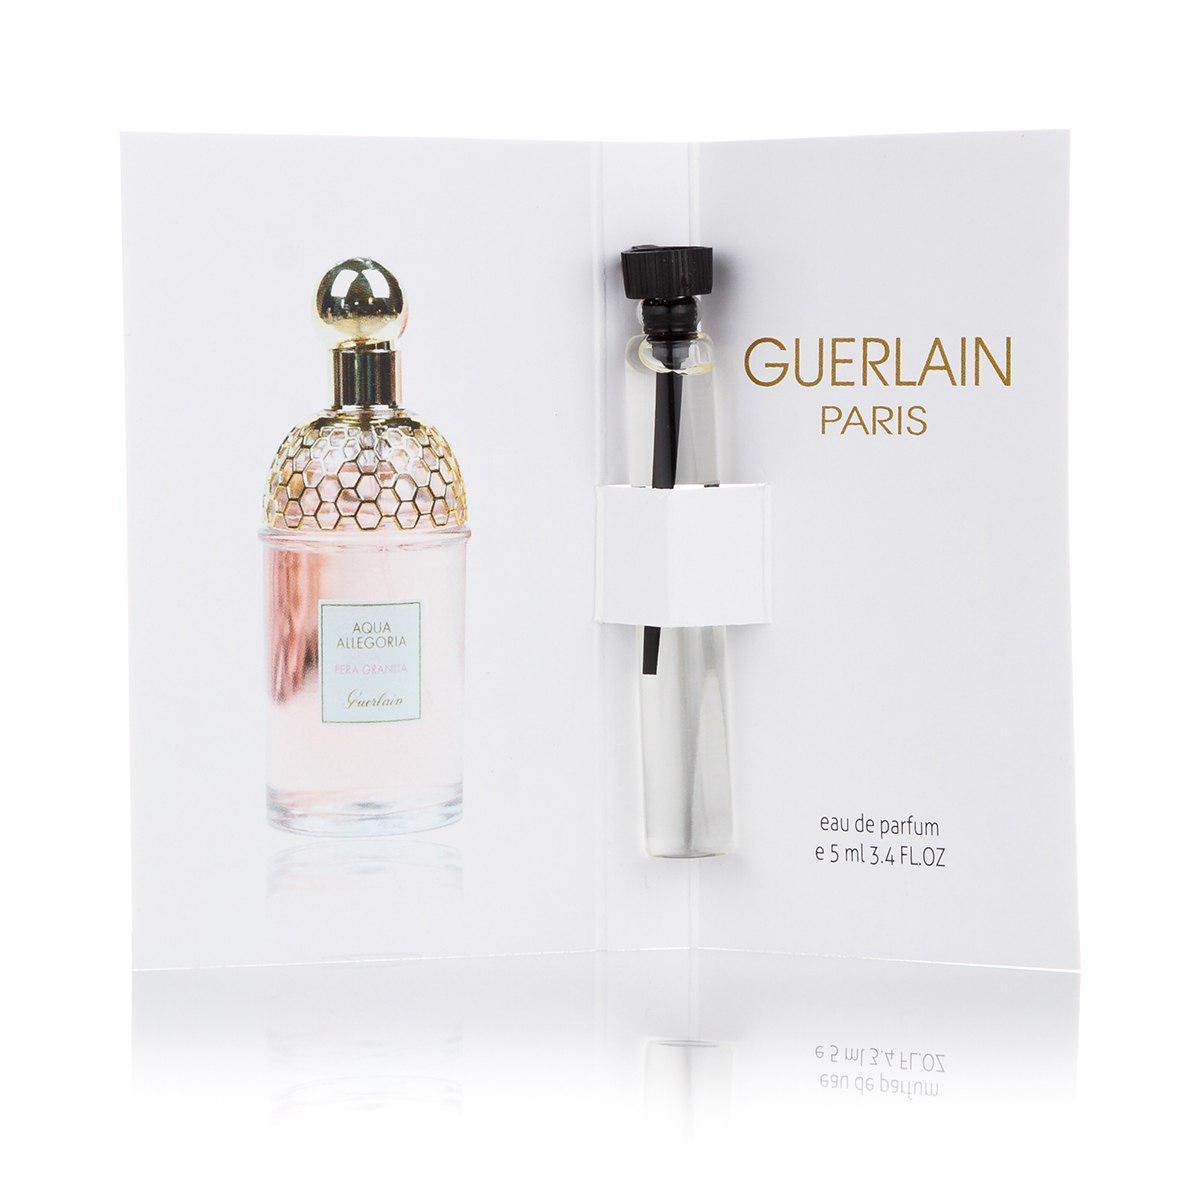 Guerlain Aqua Allegoria Pera Granita (ж) 5 ml